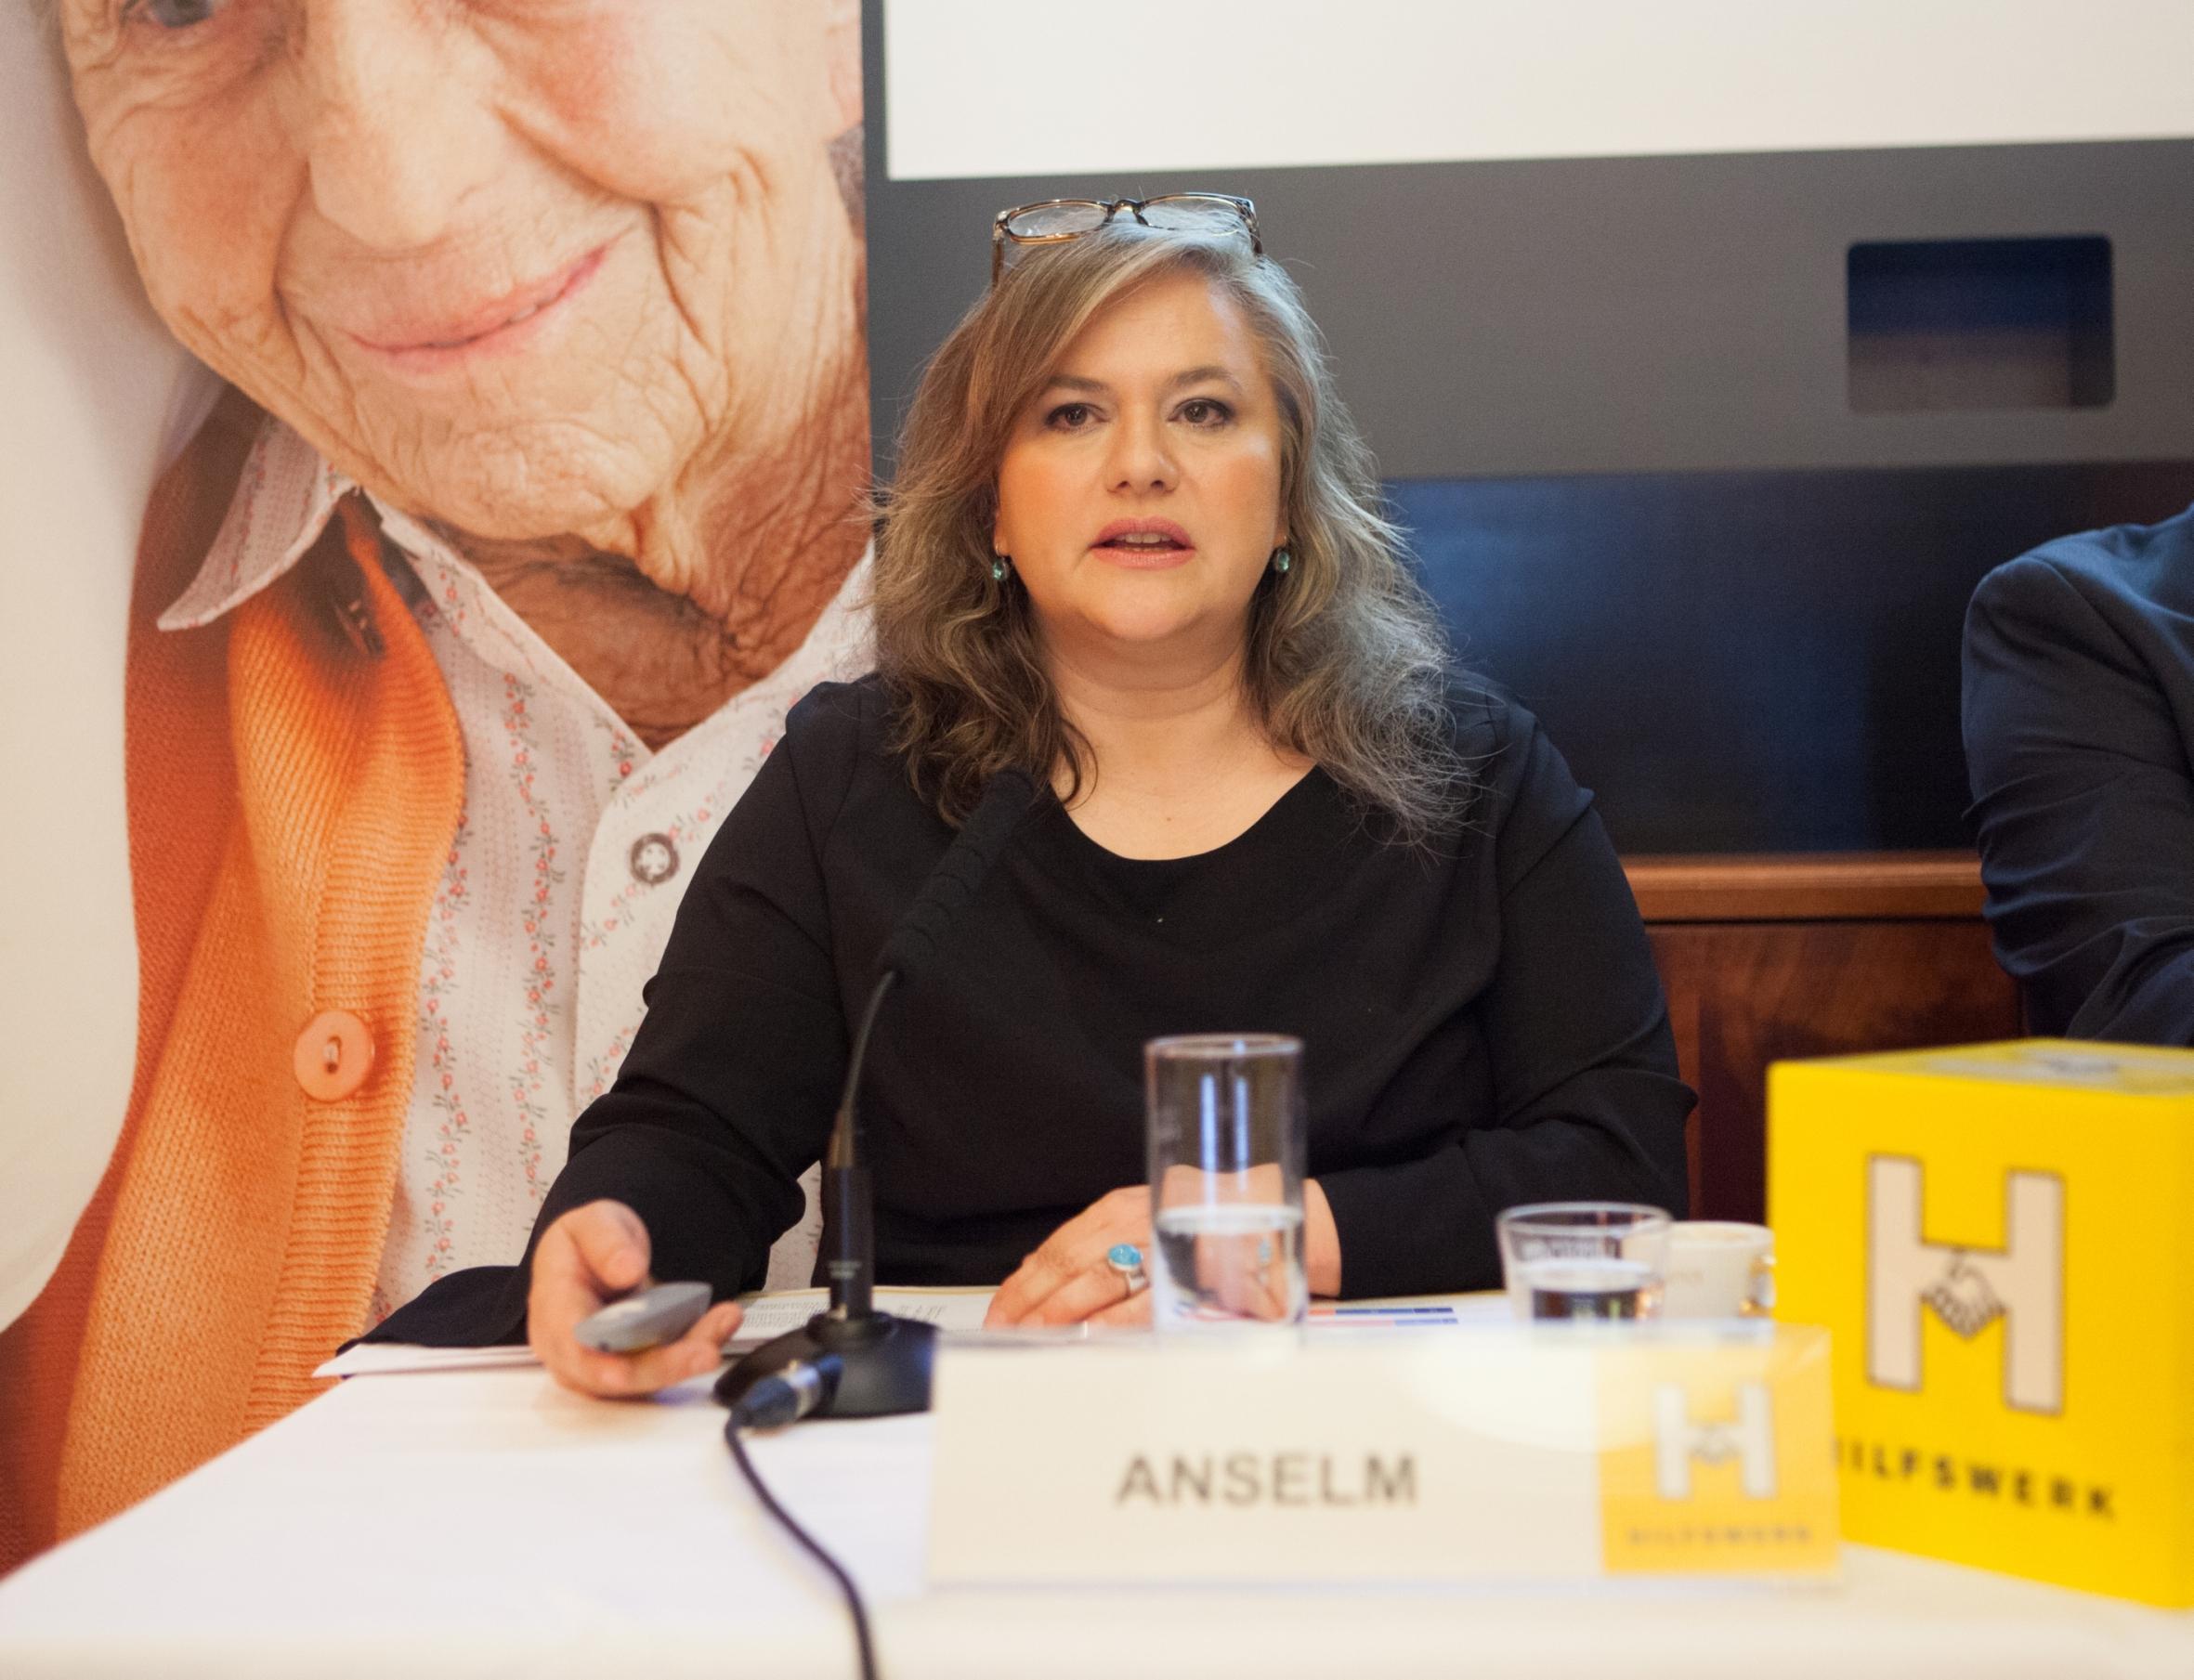 Hilfswerk Österreich: Elisabeth Anselm (GF)